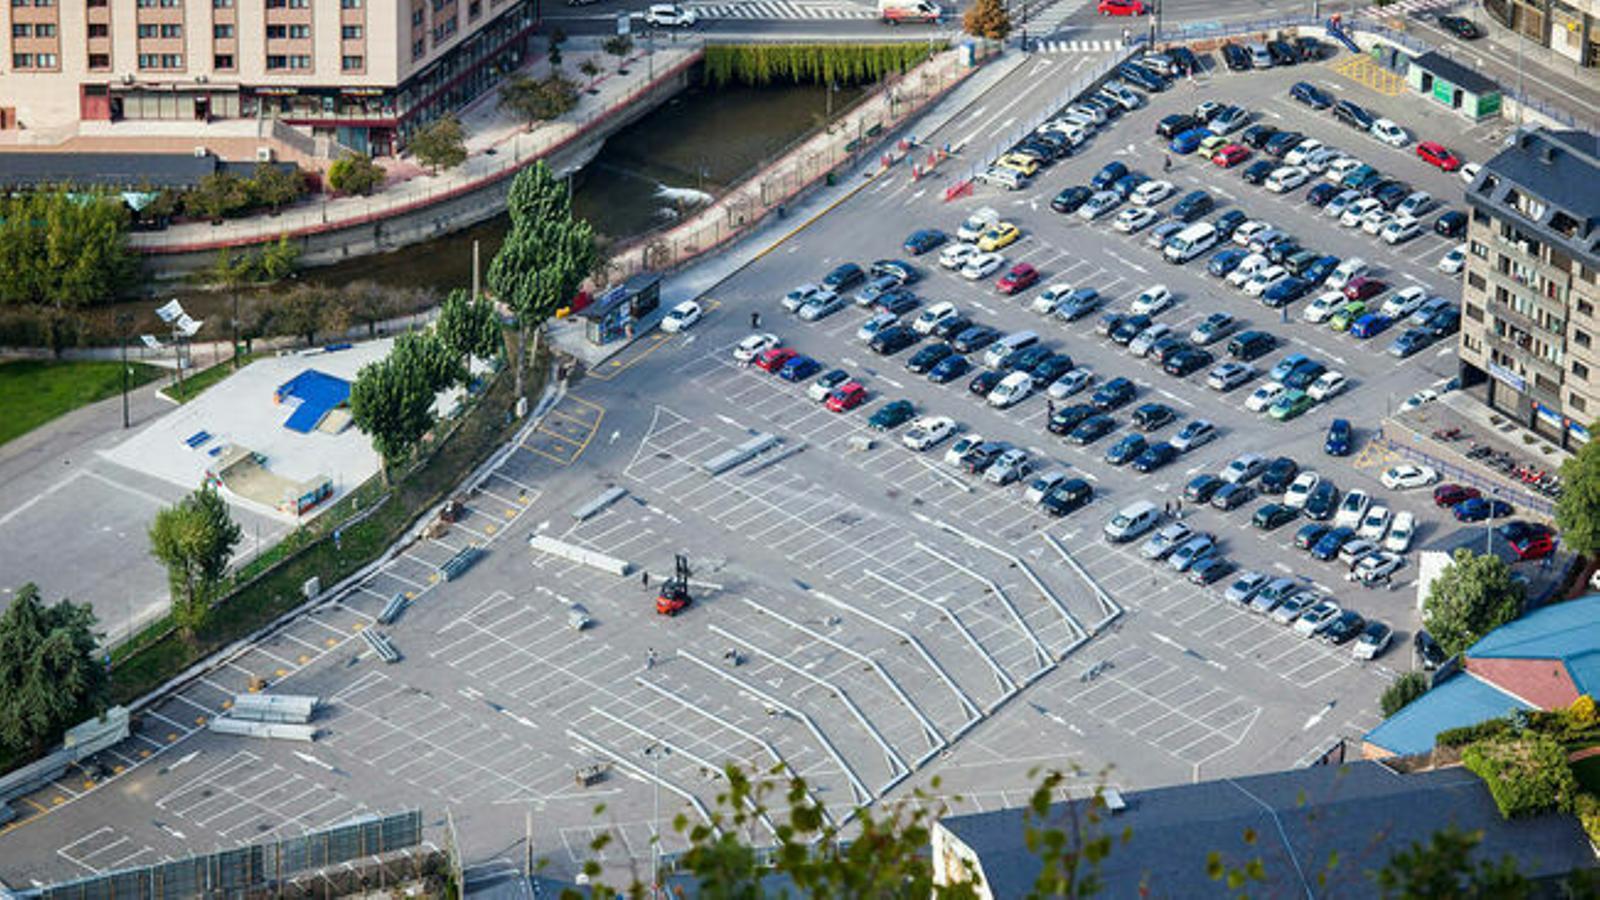 L'aparcament del Parc Central. / ARXIU